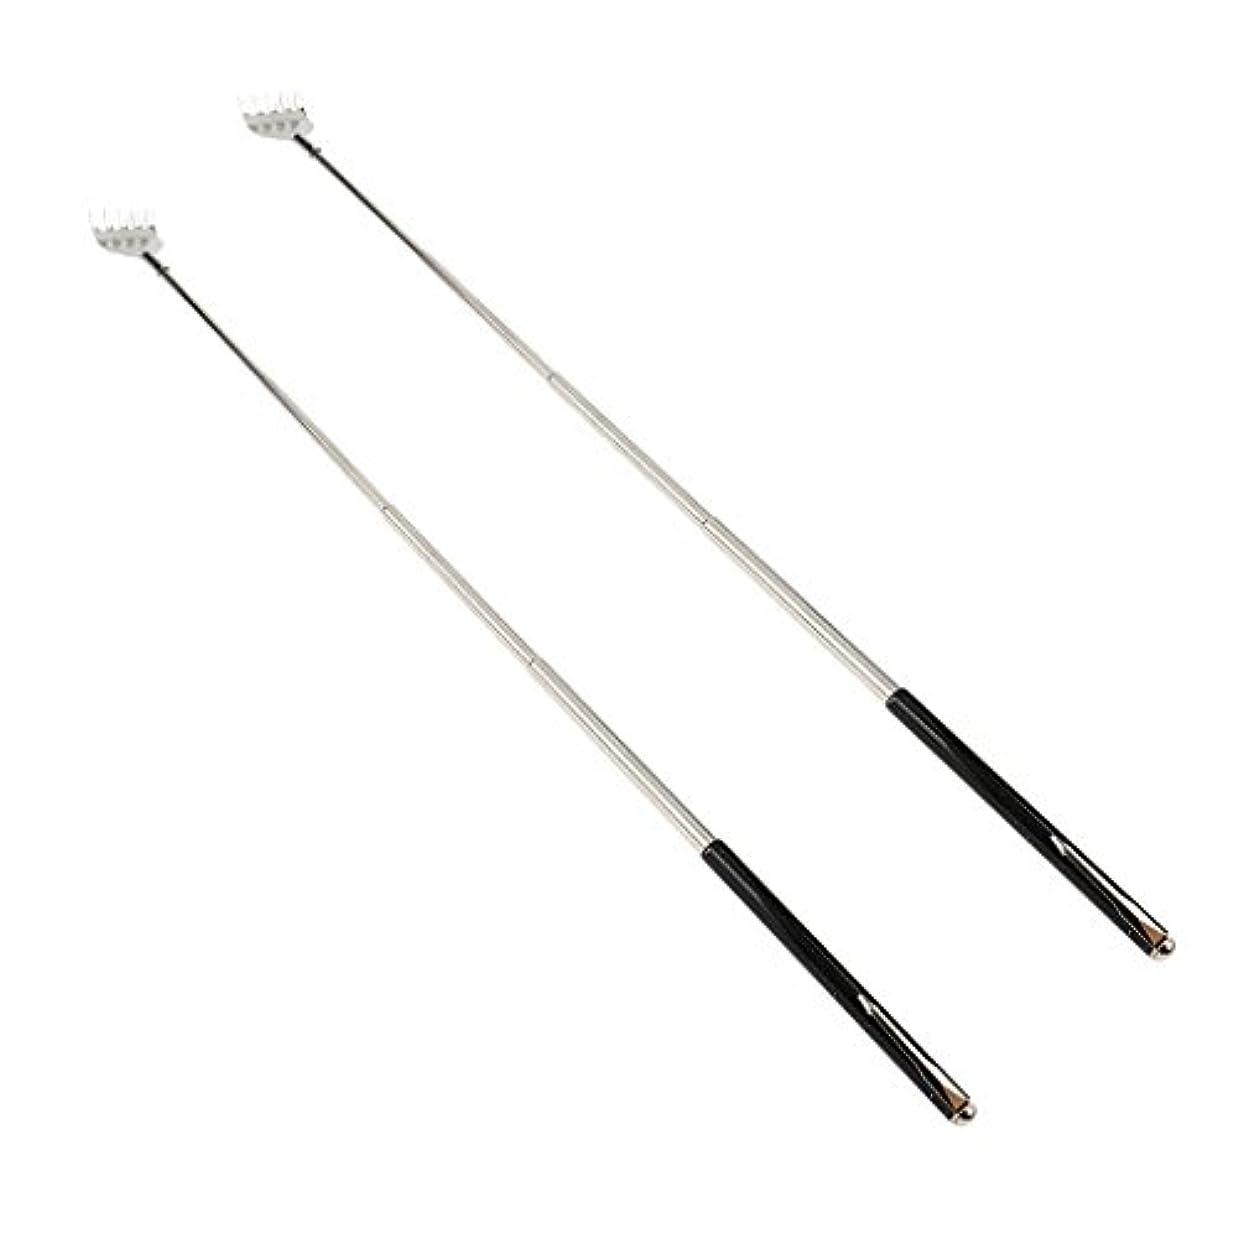 dailymall 2ピースバックスクラッチャー伸縮式爪拡張可能なかゆみハンドマッサージペンフック付き